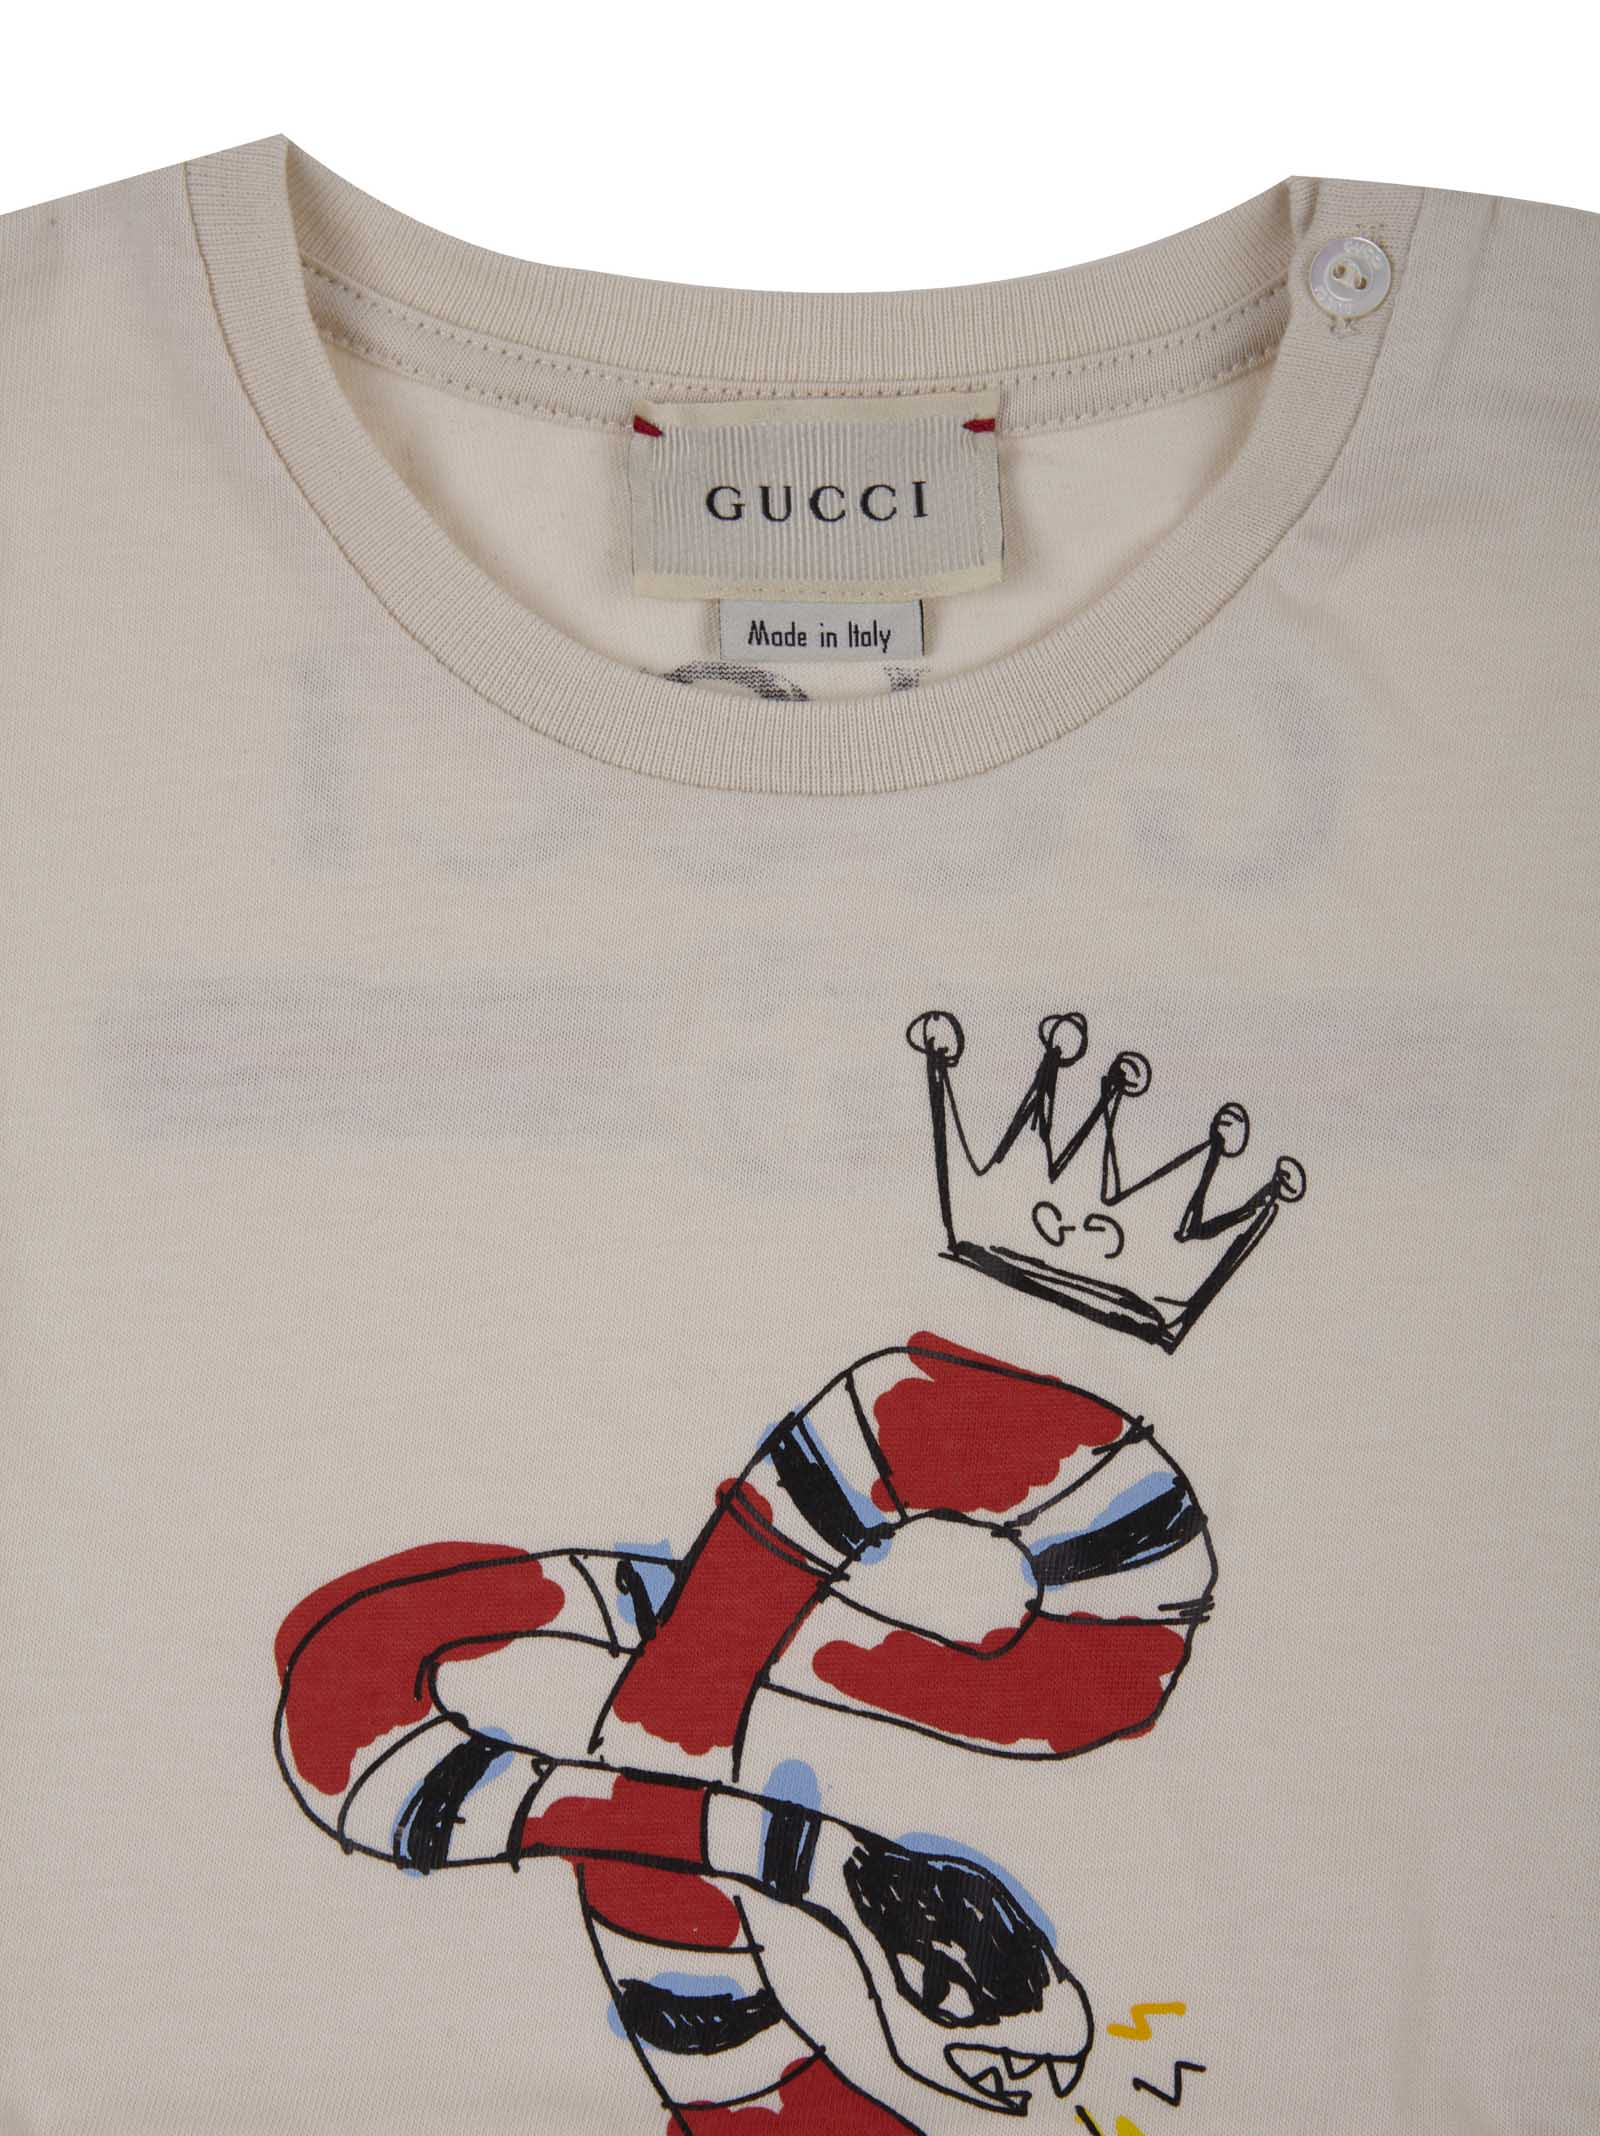 47506a4eba Gucci Junior t-shirt - Gucci Junior - Michele Franzese Moda